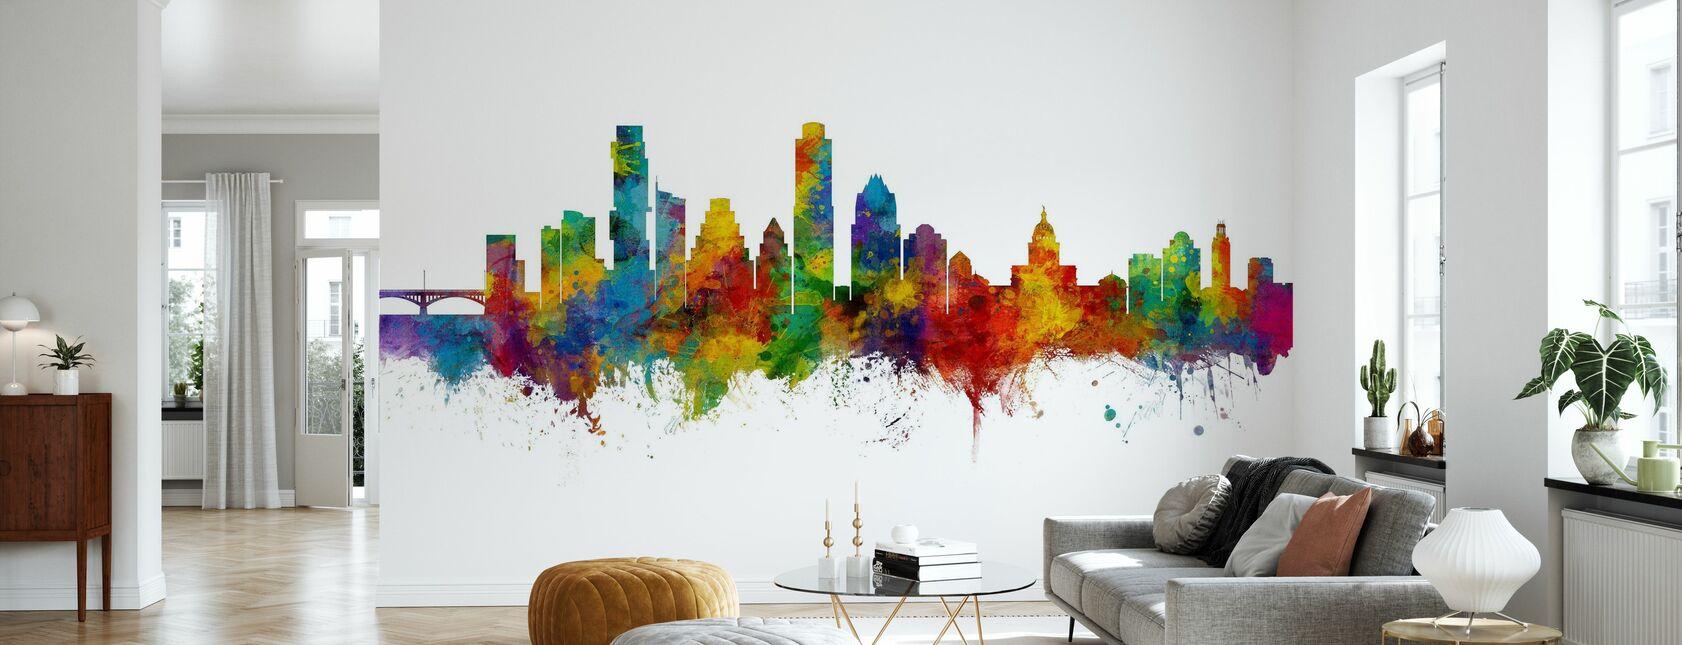 Austin Texas Skyline - Wallpaper - Living Room